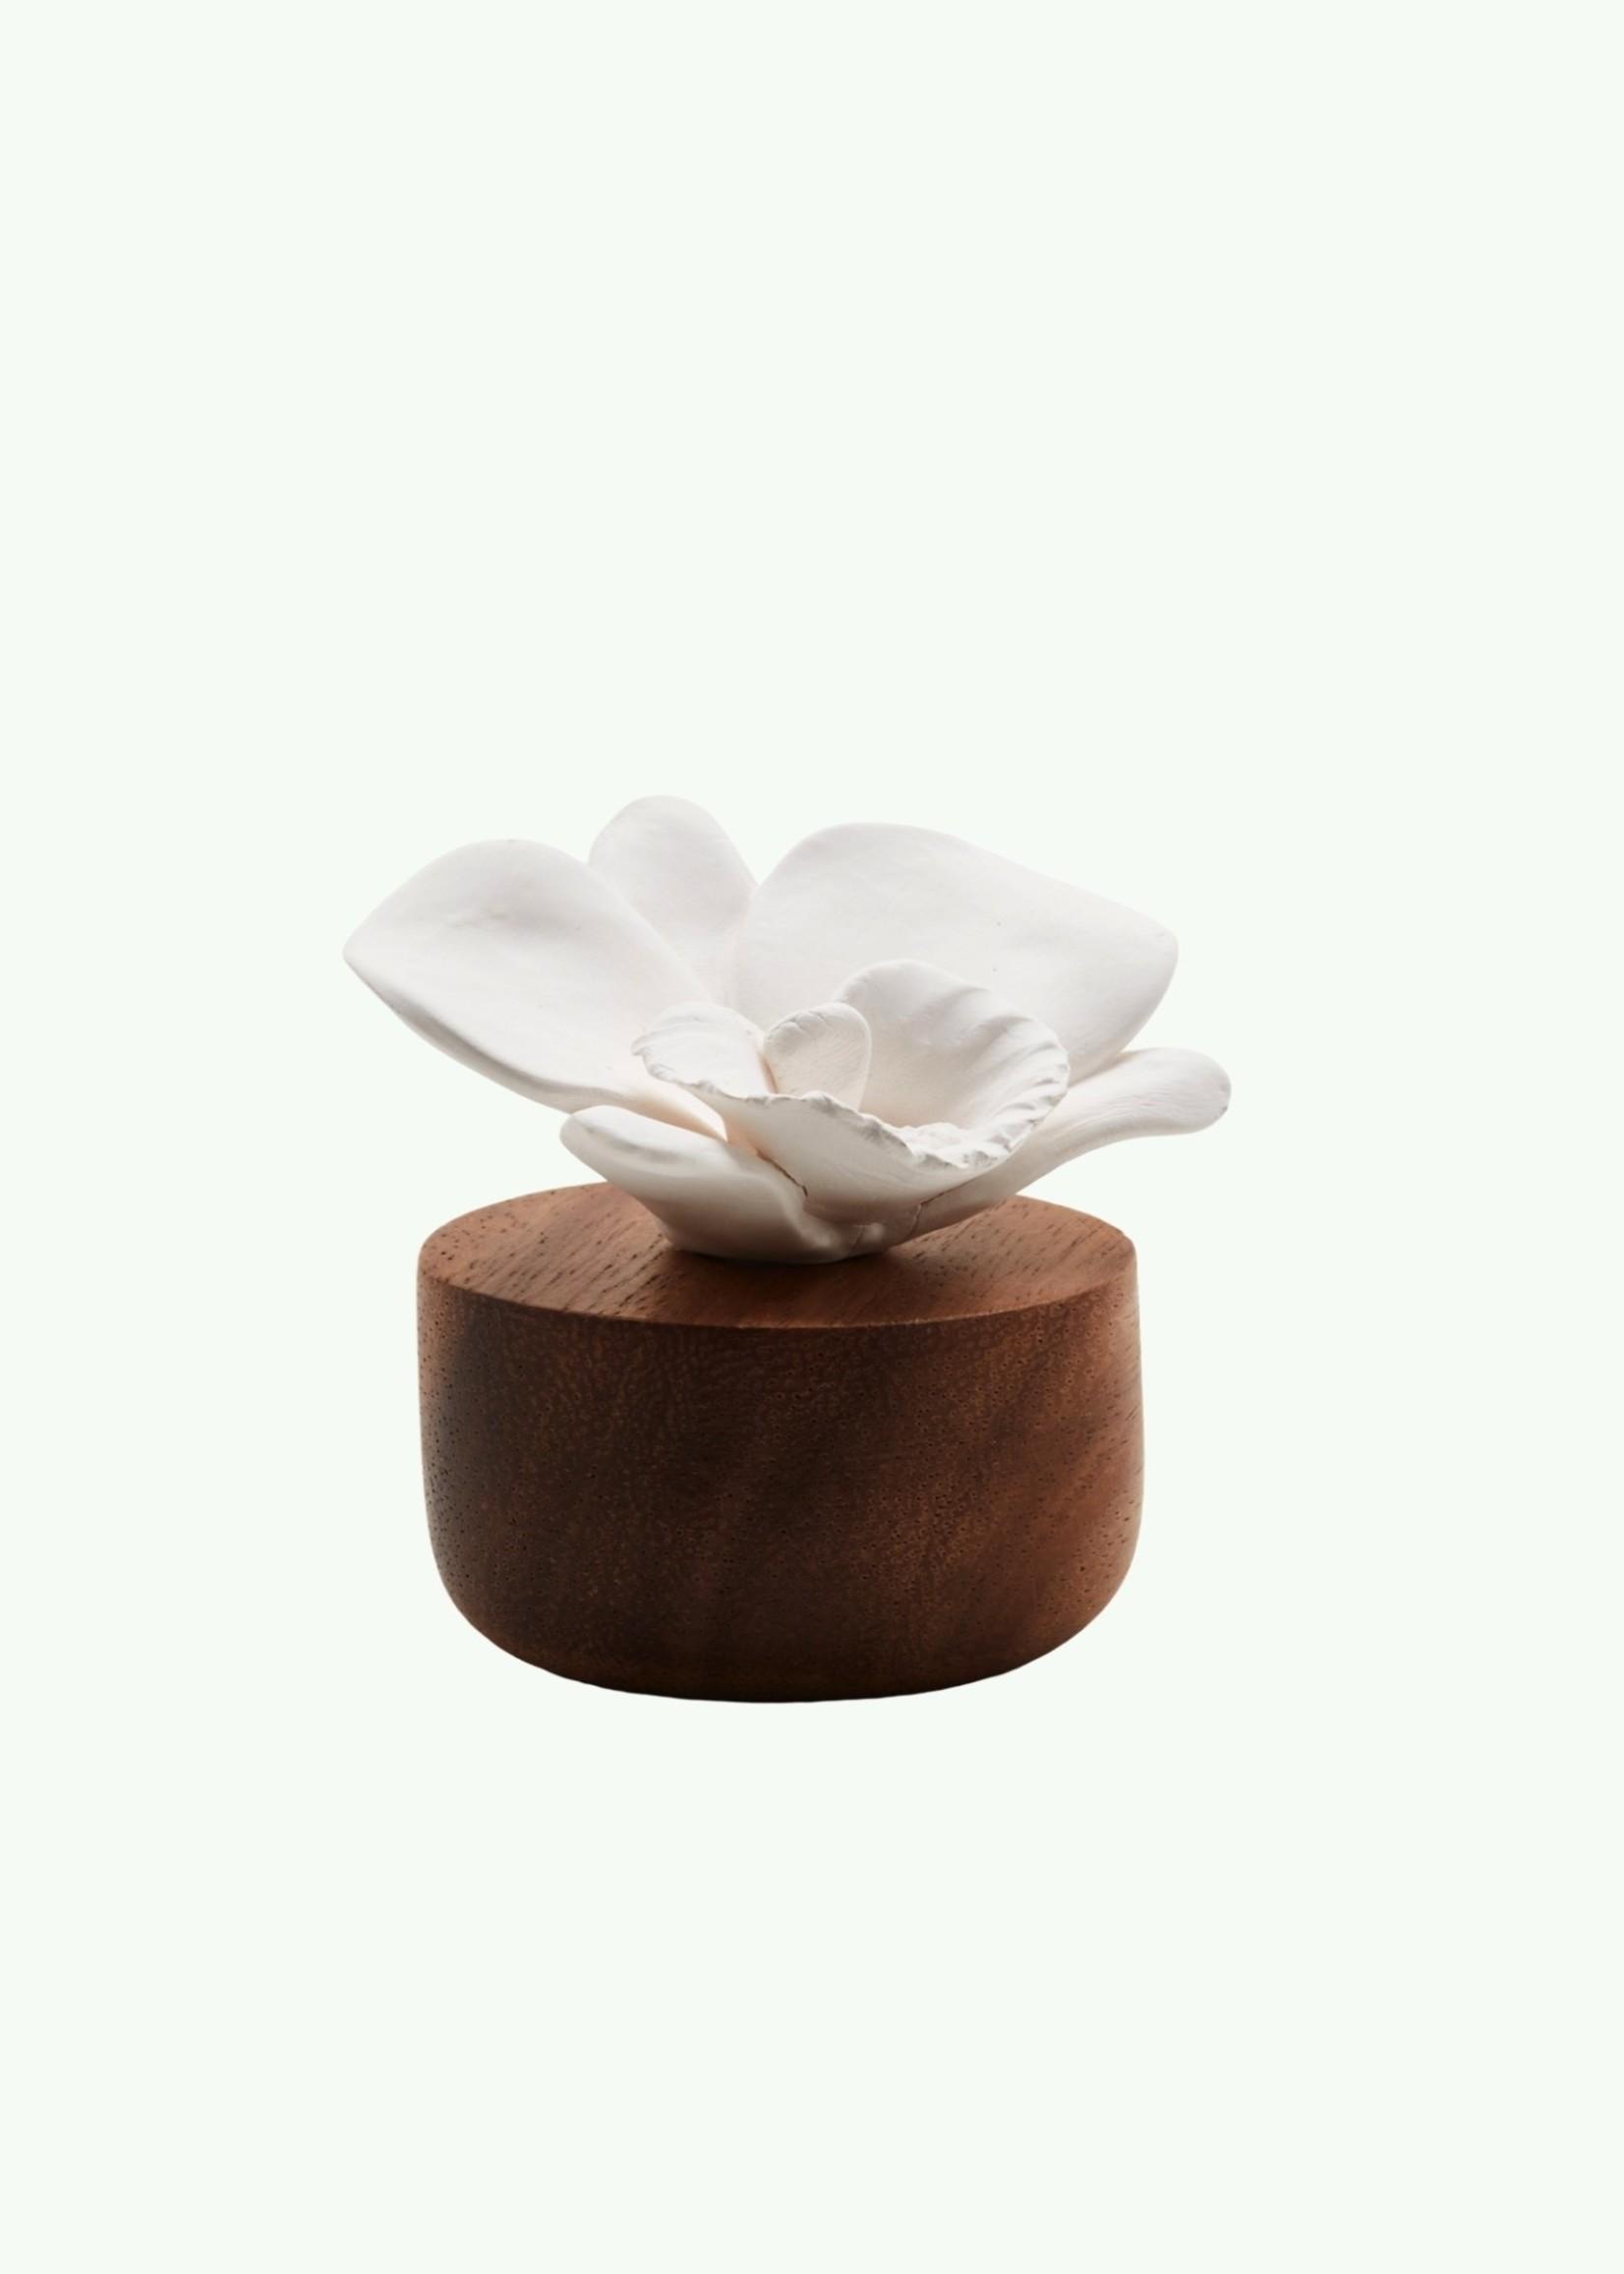 Anoq Anoq - Orchidée du Nepal - Parfum Diffuser - 2 kleuren